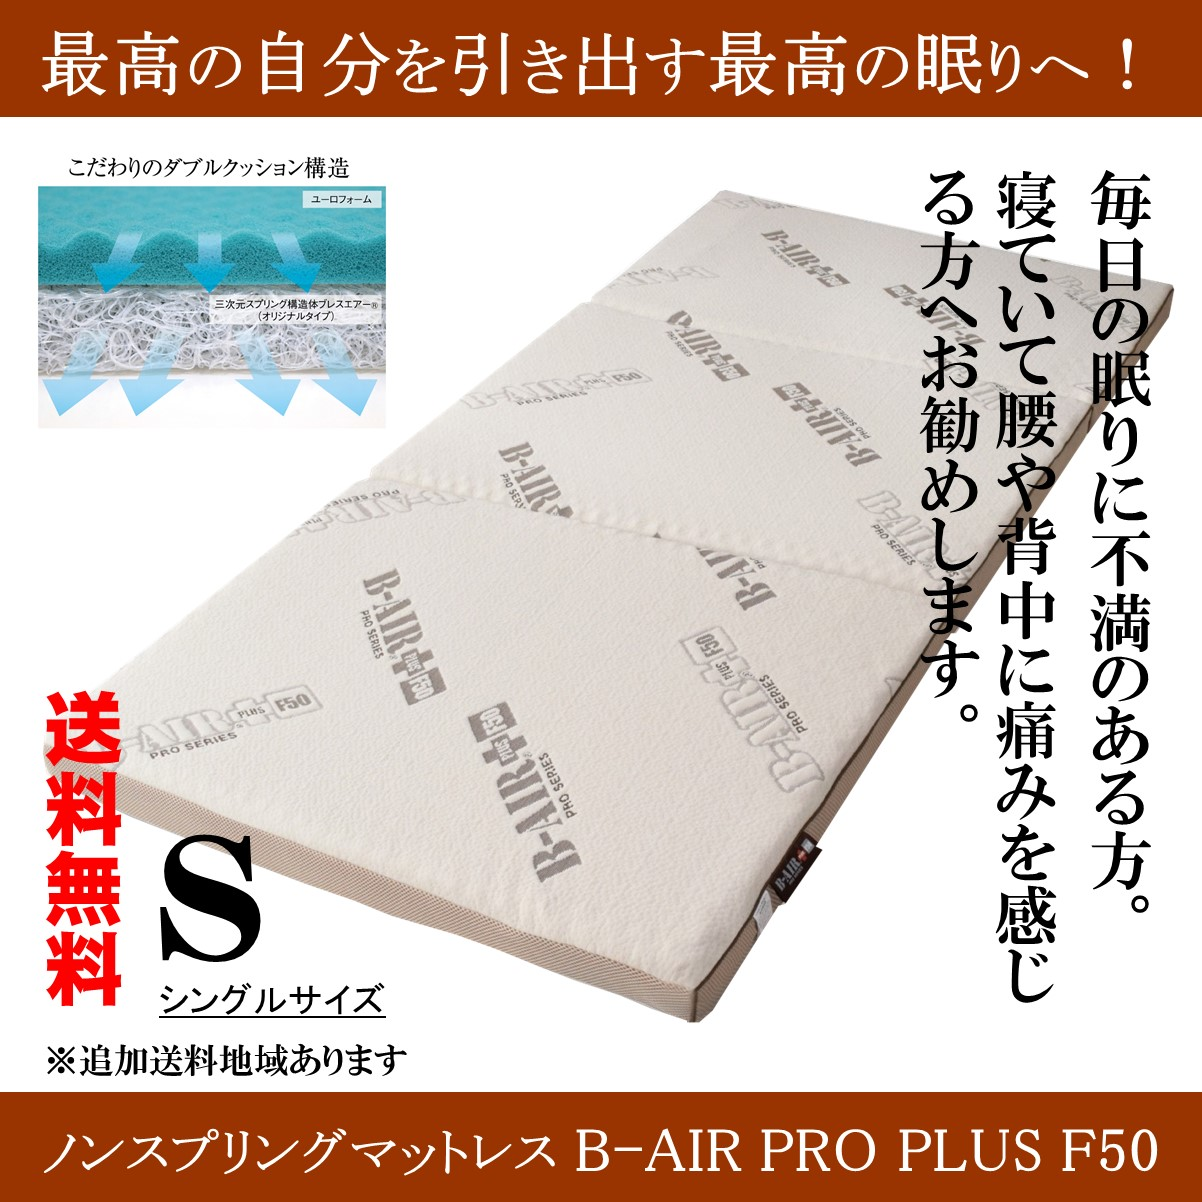 ノンスプリングマットレス シングル 三つ折り 敷き布団 ブレスエアー ユーロフォーム 高弾発 体圧分散 腰痛対策 安眠 B-AIR PRO PLUS F50